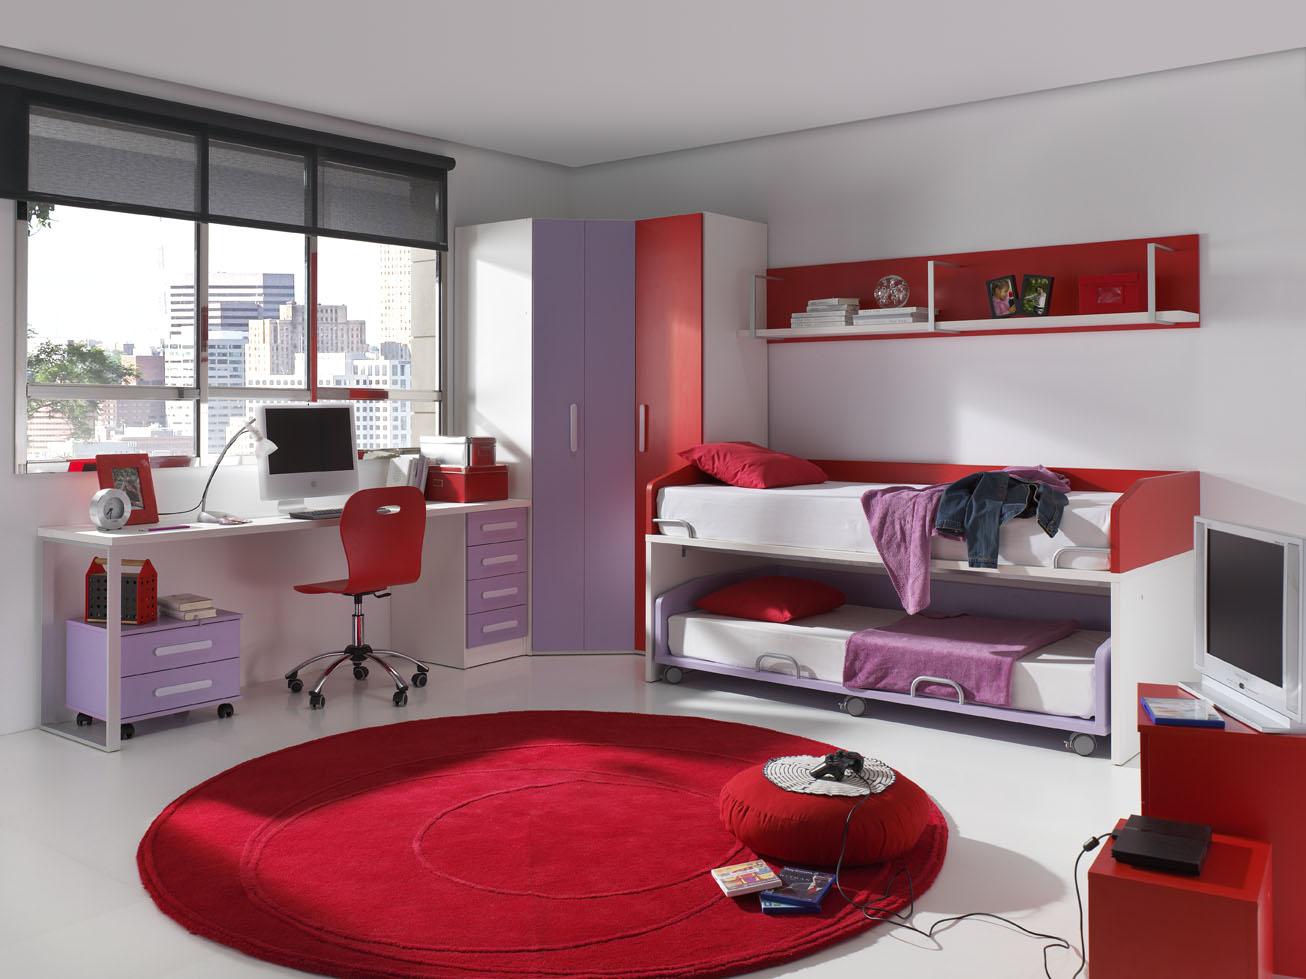 Dormitorios juveniles: funcionales y bonitos - Muebles Orts Blog